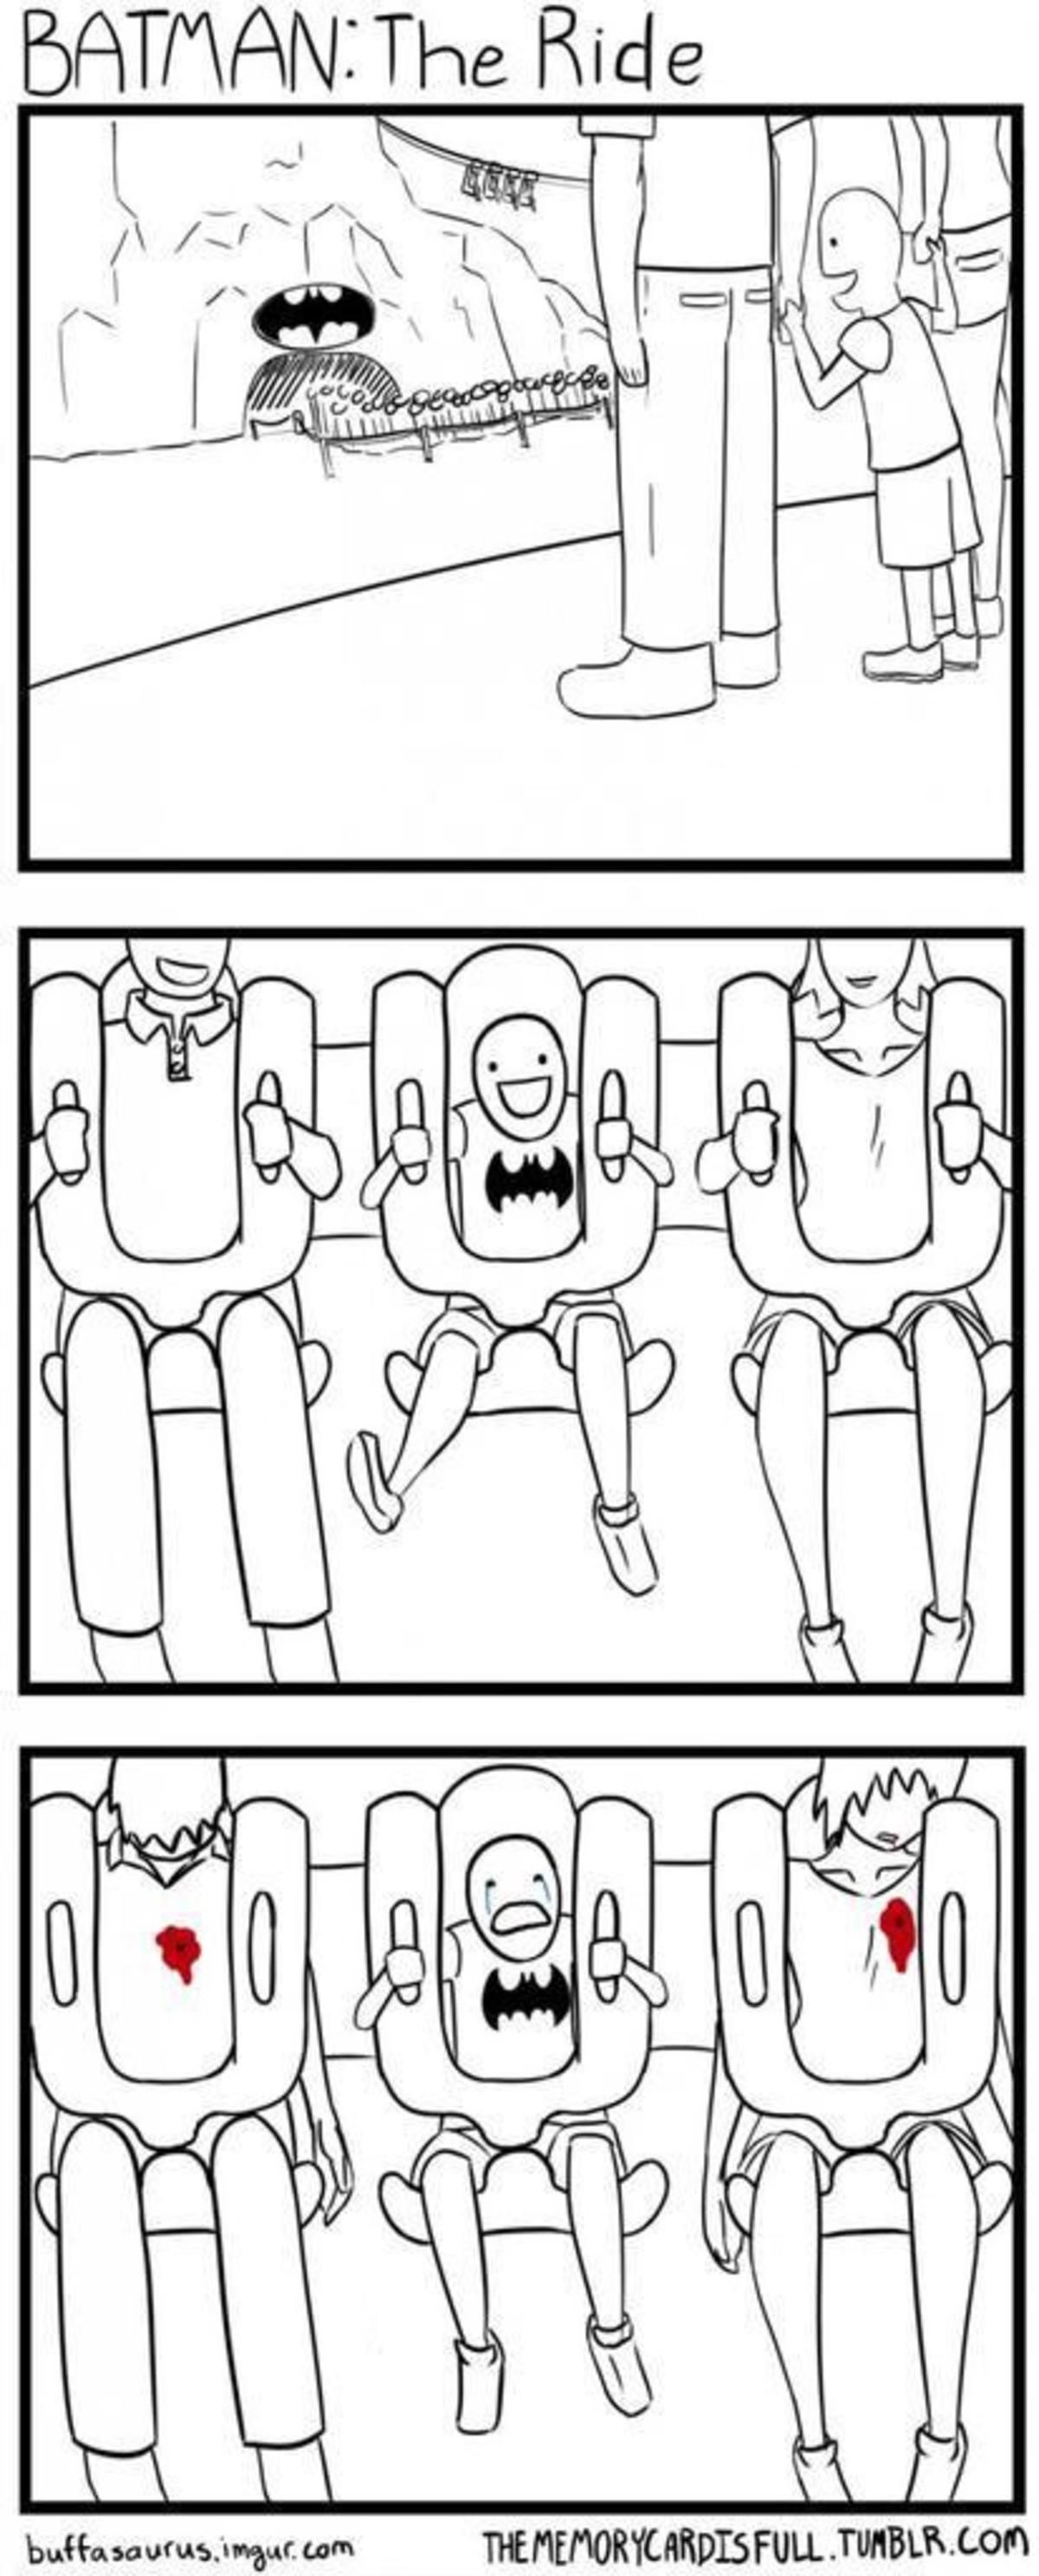 Batman ride. . Batman ride